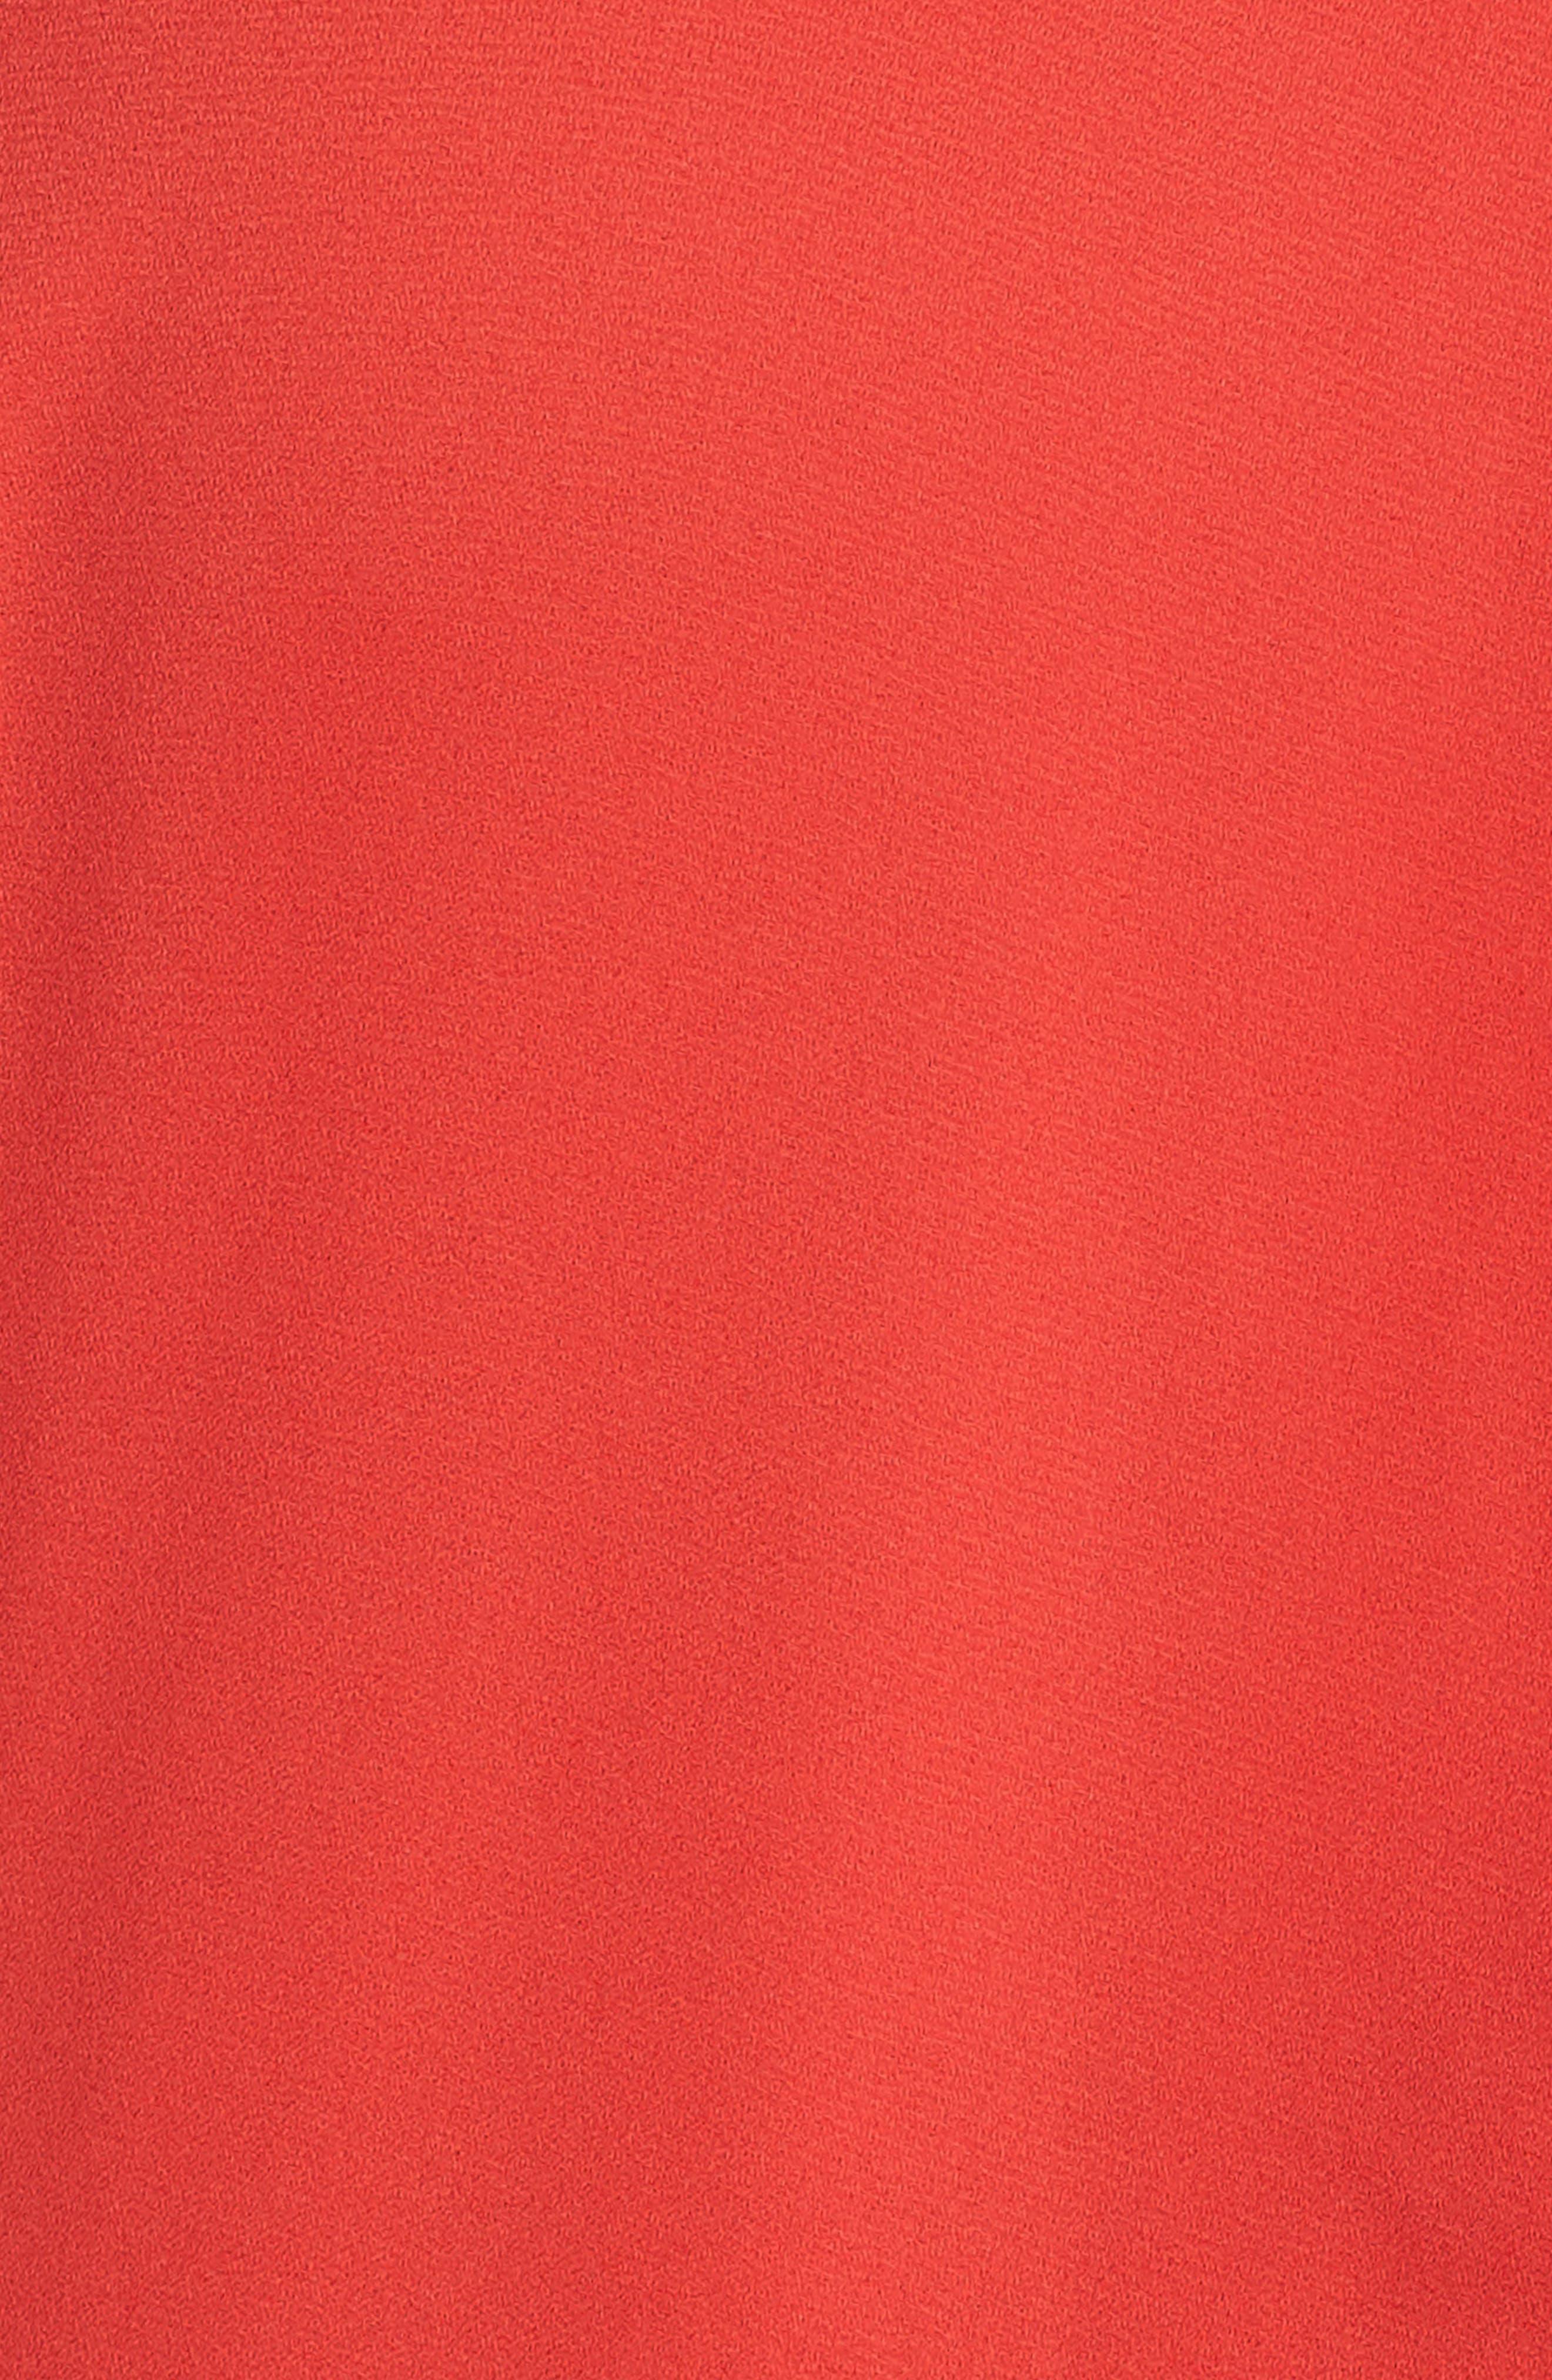 Short Sleeve Wrap Jumpsuit,                             Alternate thumbnail 6, color,                             BRIGHT CERISE